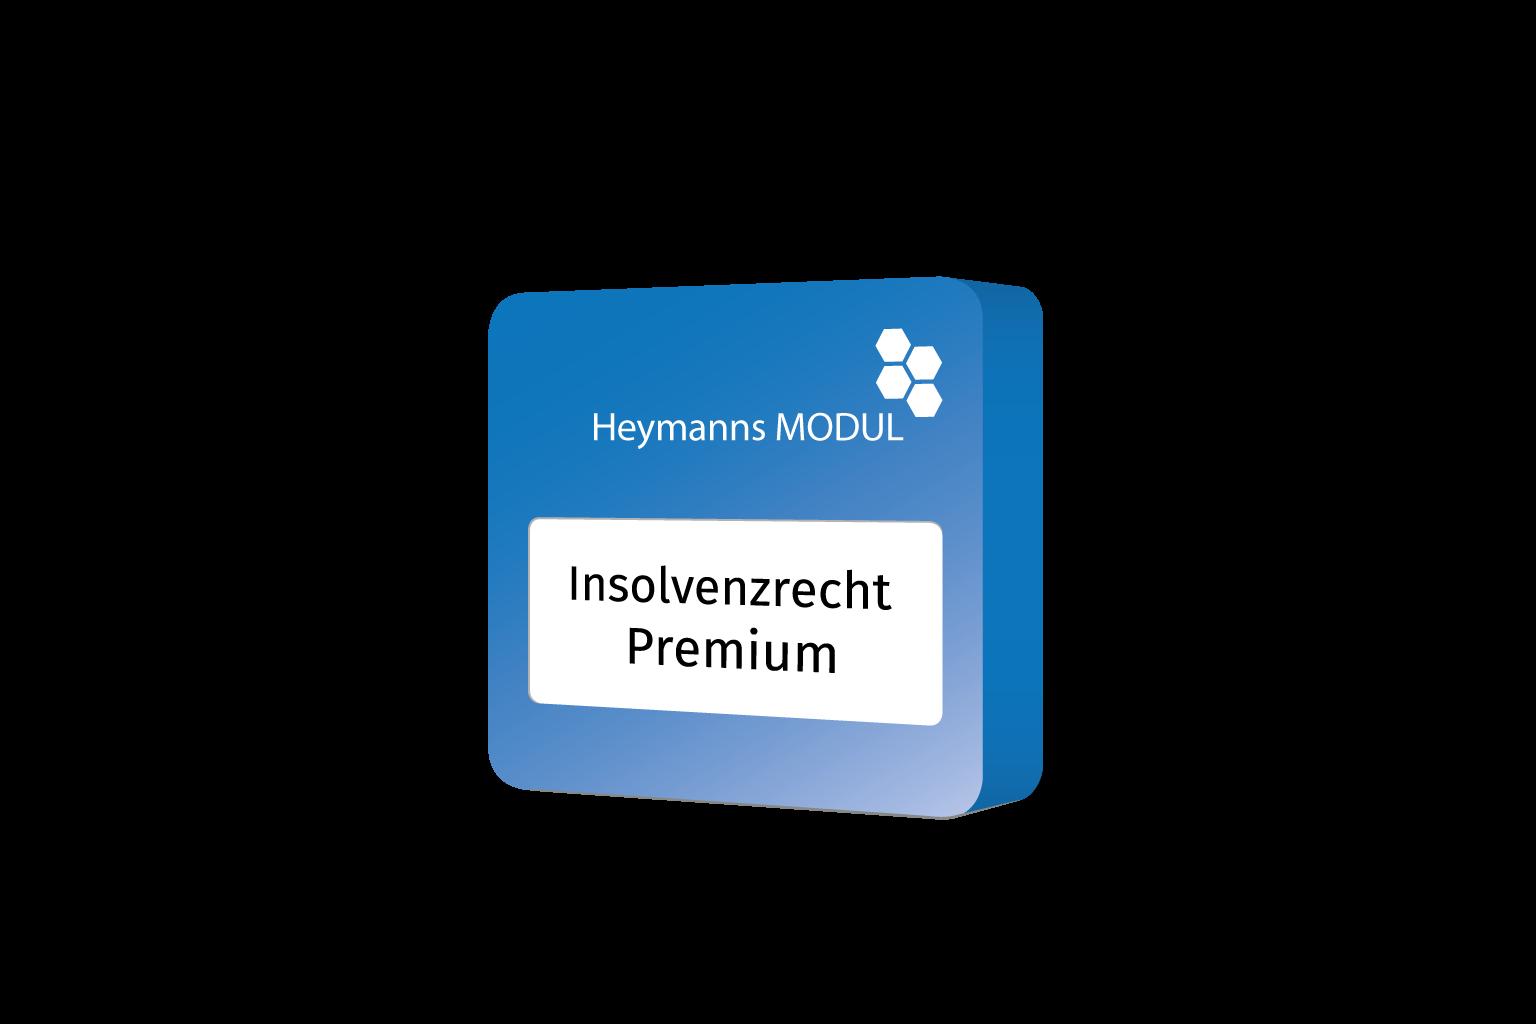 InsolvenzrechtPremium-Heymanns-Modul-1536x1024